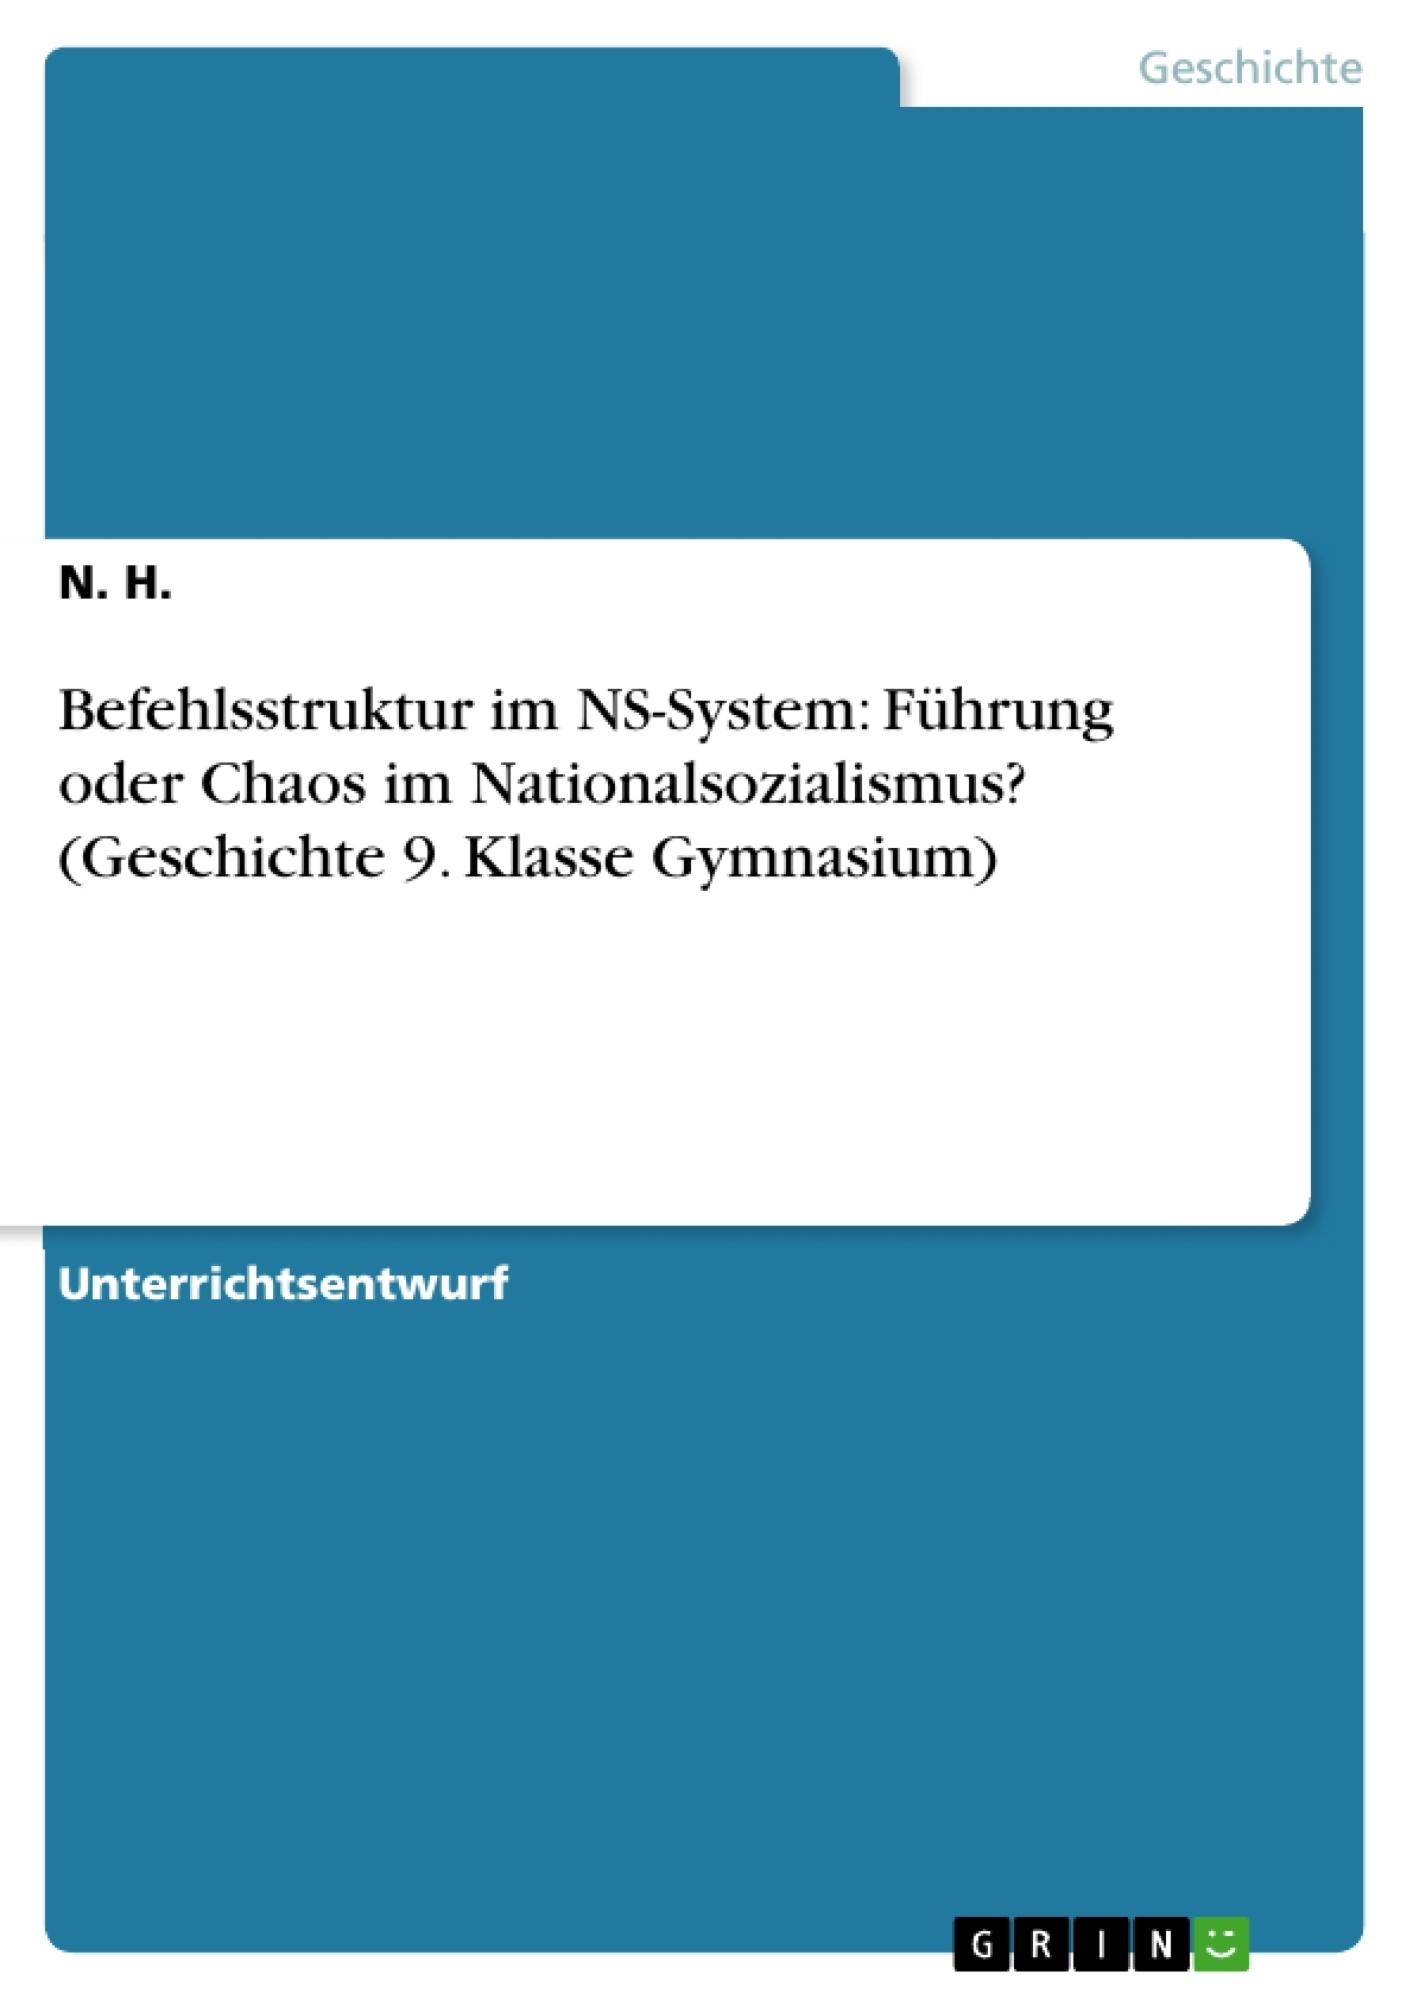 Titel: Befehlsstruktur im NS-System: Führung oder Chaos im Nationalsozialismus? (Geschichte 9. Klasse Gymnasium)